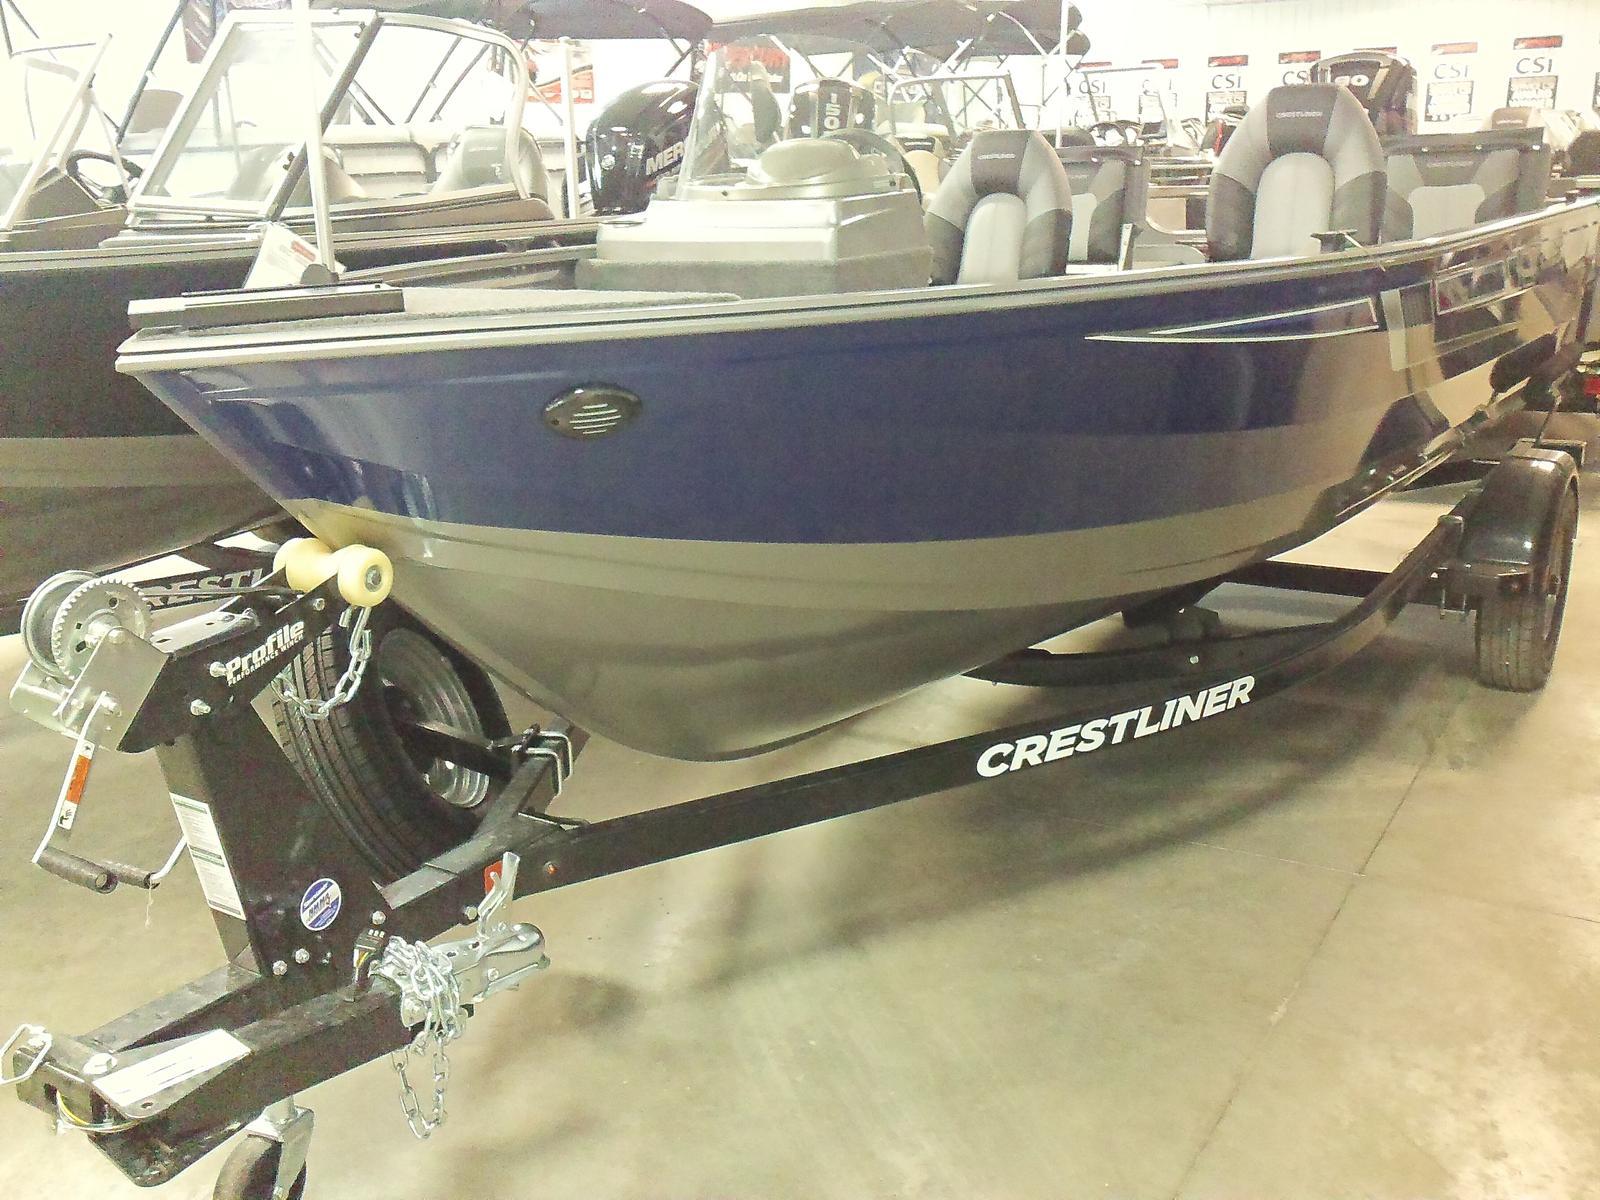 Crestliner 1600 Vision